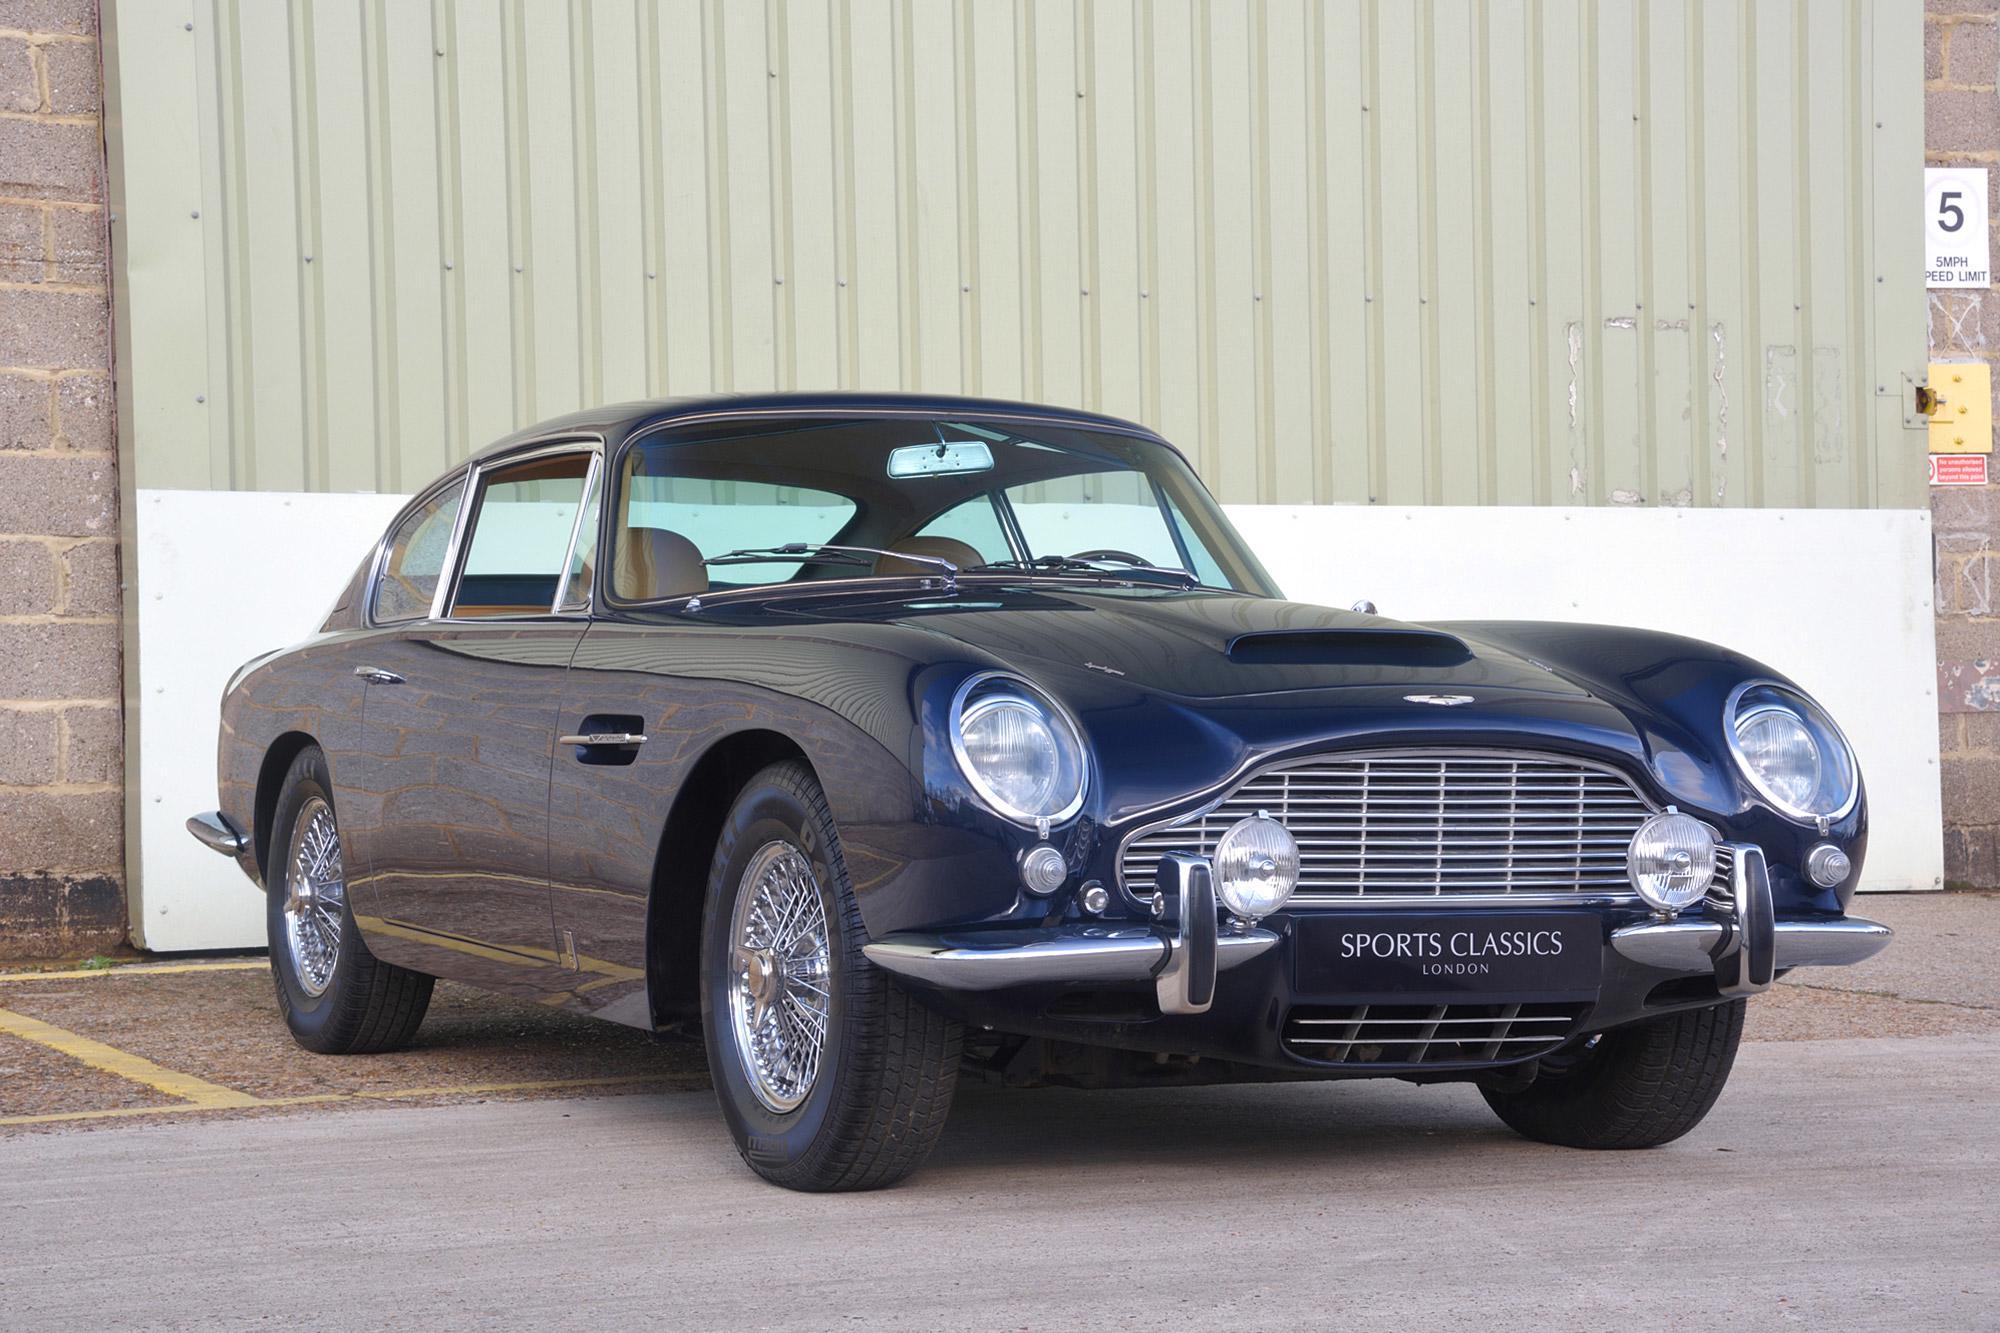 1966 Aston Martin DB6 Vantage LHD